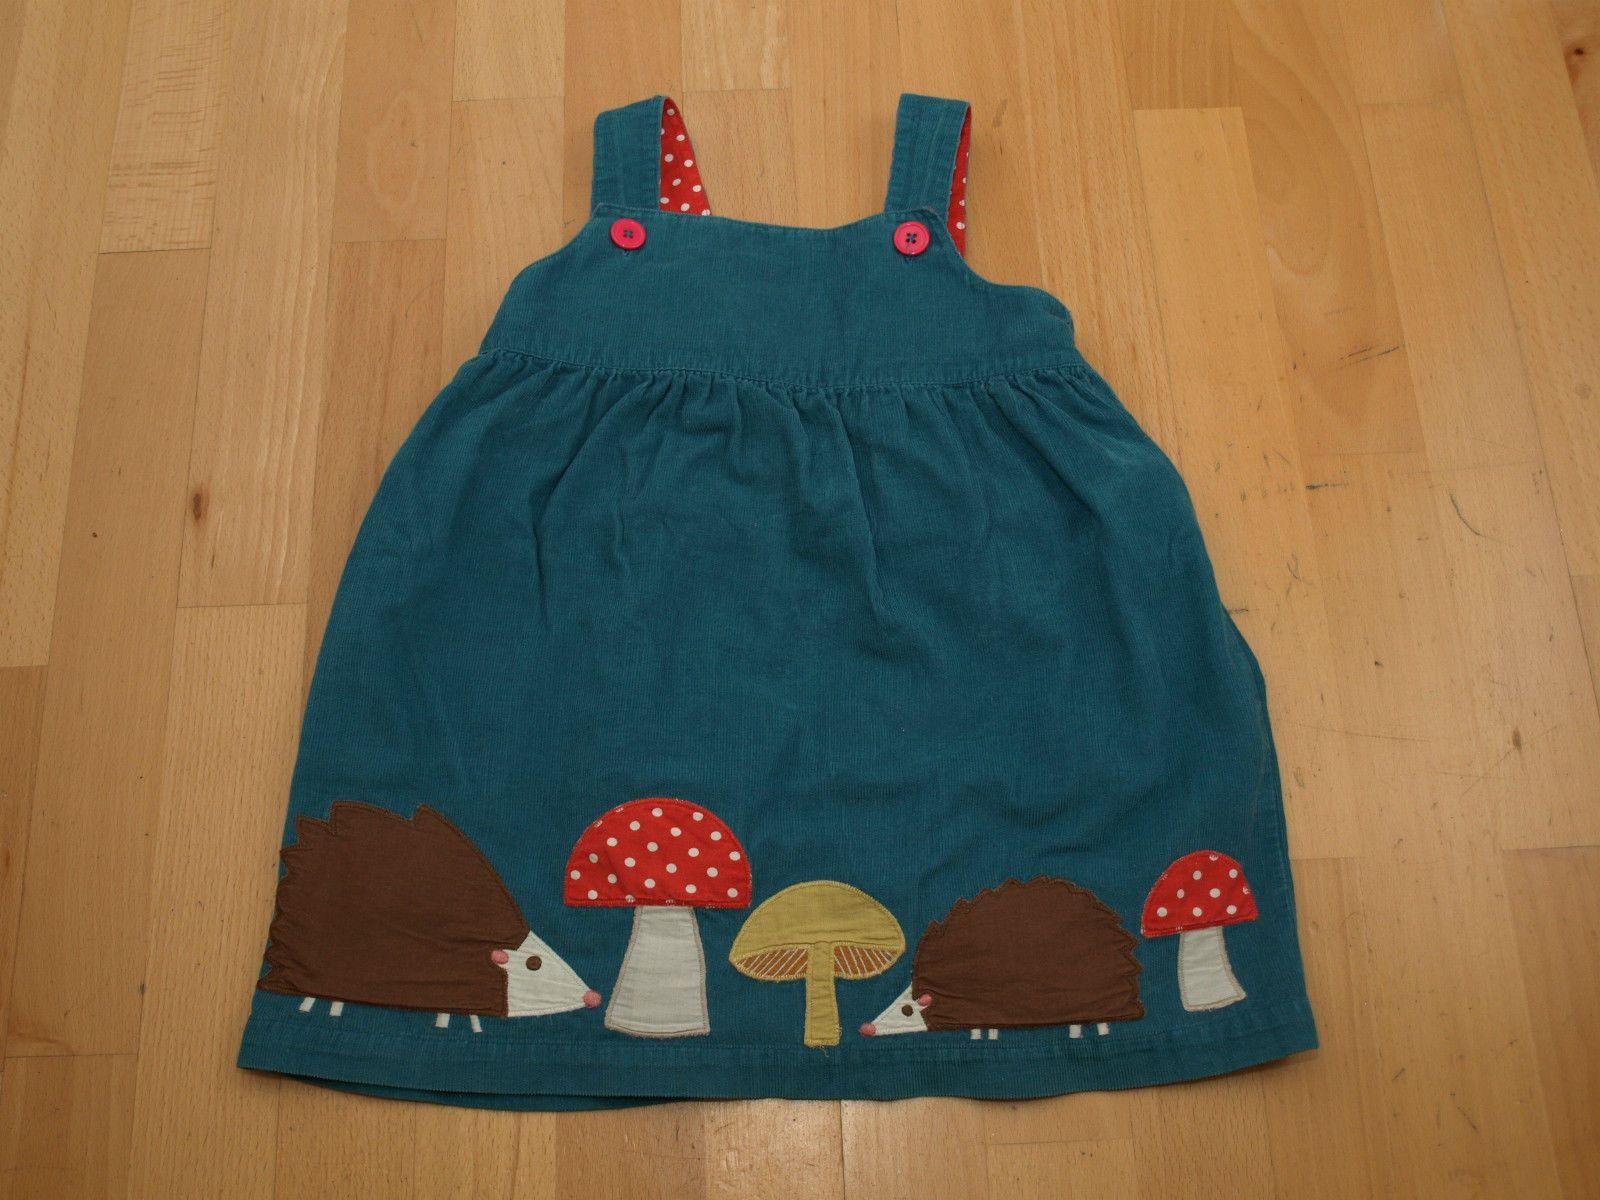 Kleid Mini Boden 3 - 4 Jahre so schön! in Kleidung & Accessoires, Kindermode, Schuhe & Access., Mode für Mädchen | eBay